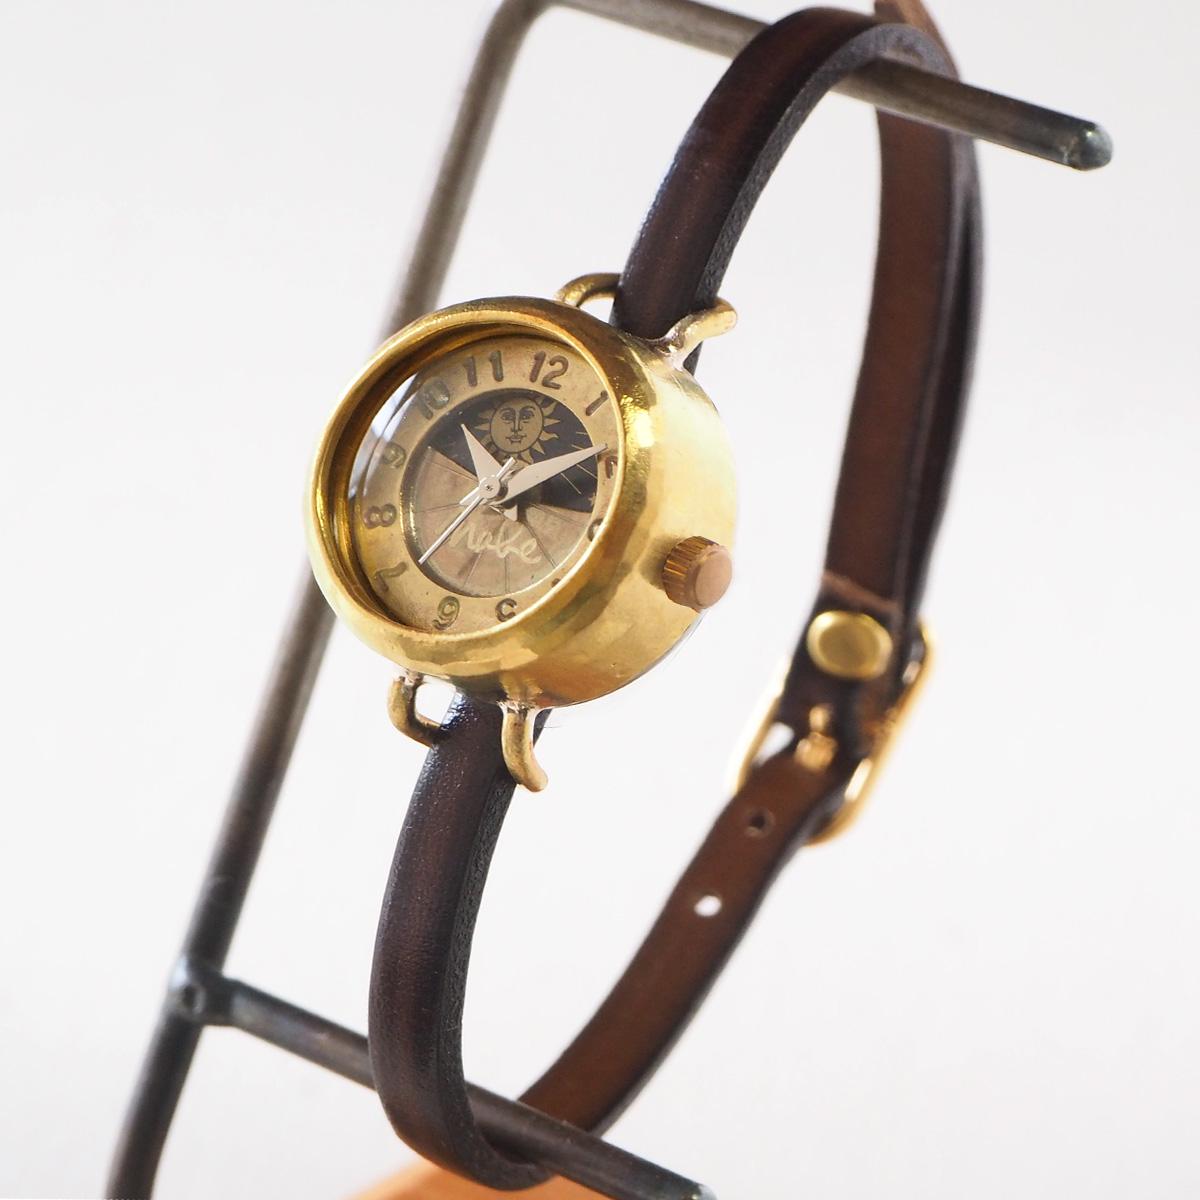 """渡辺工房 手作り腕時計 """"Lady's Brass"""" レディースブラス SUN&MOON 4.5mm幅 ブラウン レザーベルト [NW-365SM] 時計作家 渡辺正明さんの ハンドメイドウォッチ ハンドメイド腕時計 手作り時計 ゴールド ブレスレット 月 太陽 アナログ 日本製 刻印・名入れ無料"""